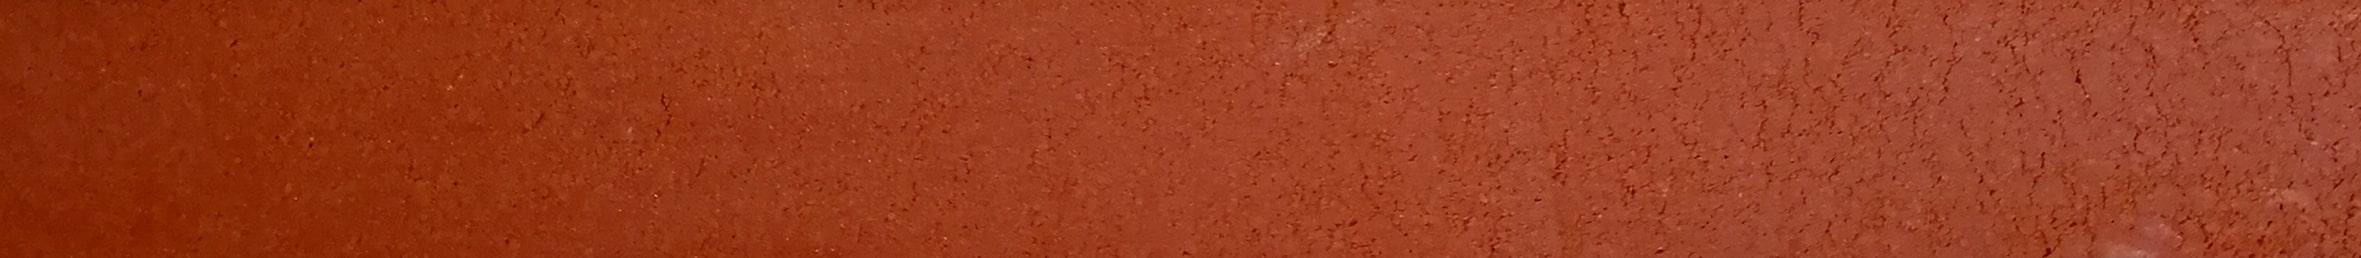 Fugenmörtel - Fugenfarbe 1030